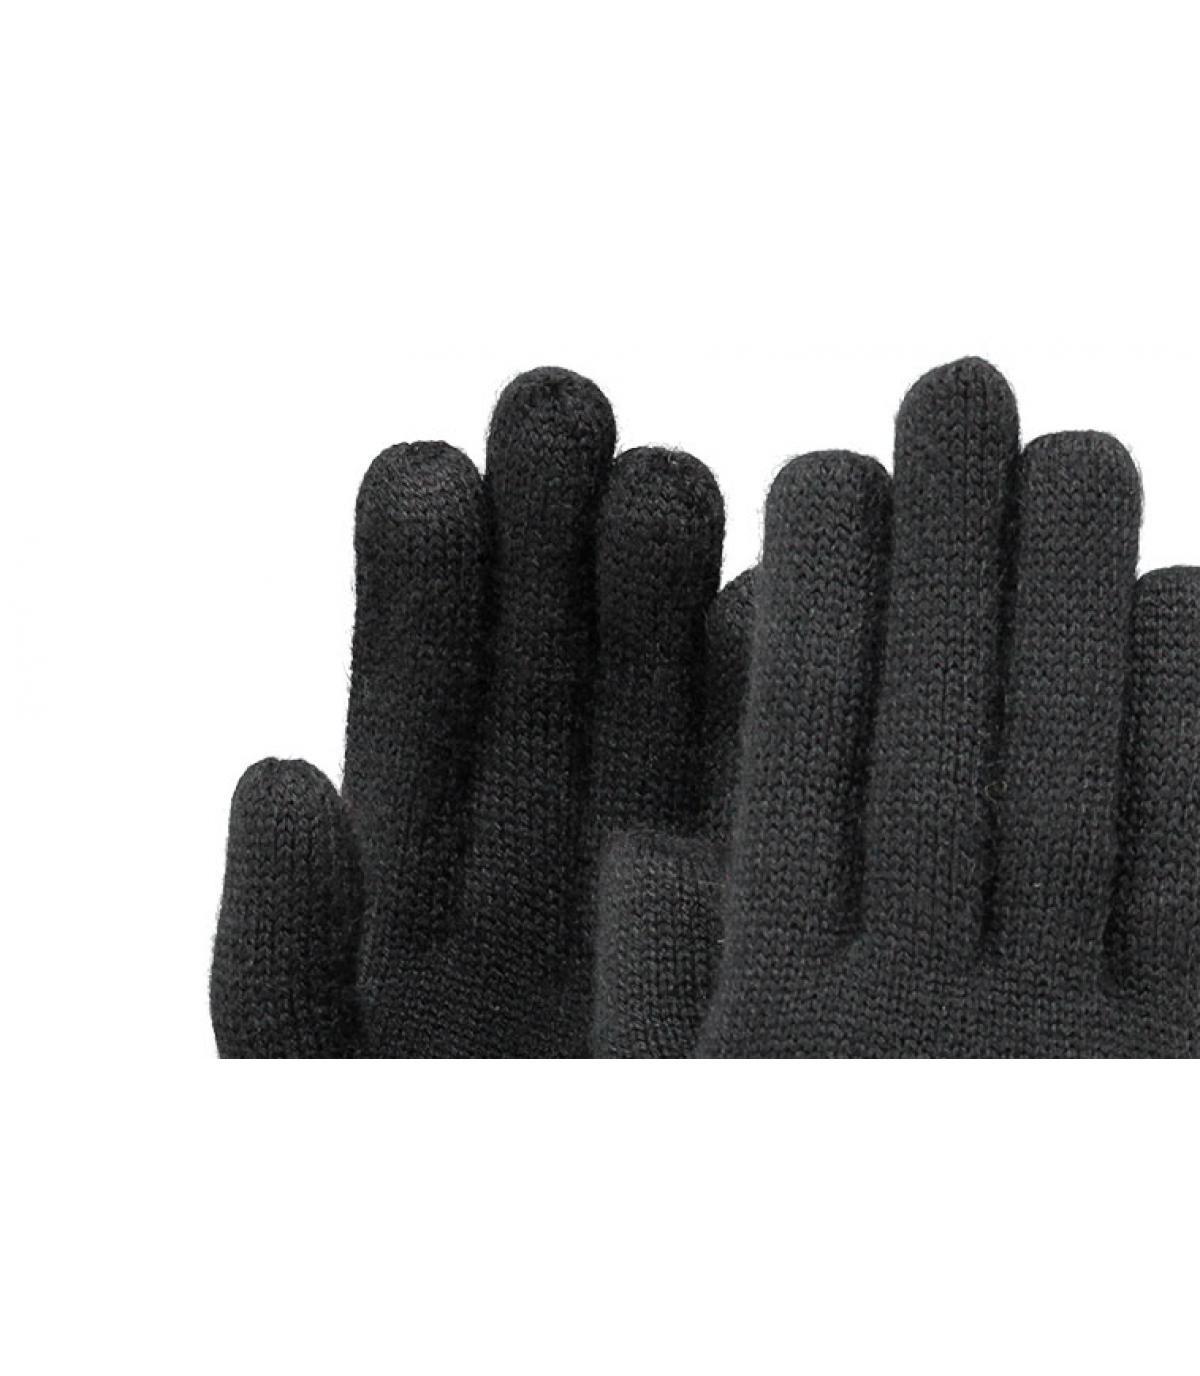 Détails Fine Knitted Gloves black - image 2